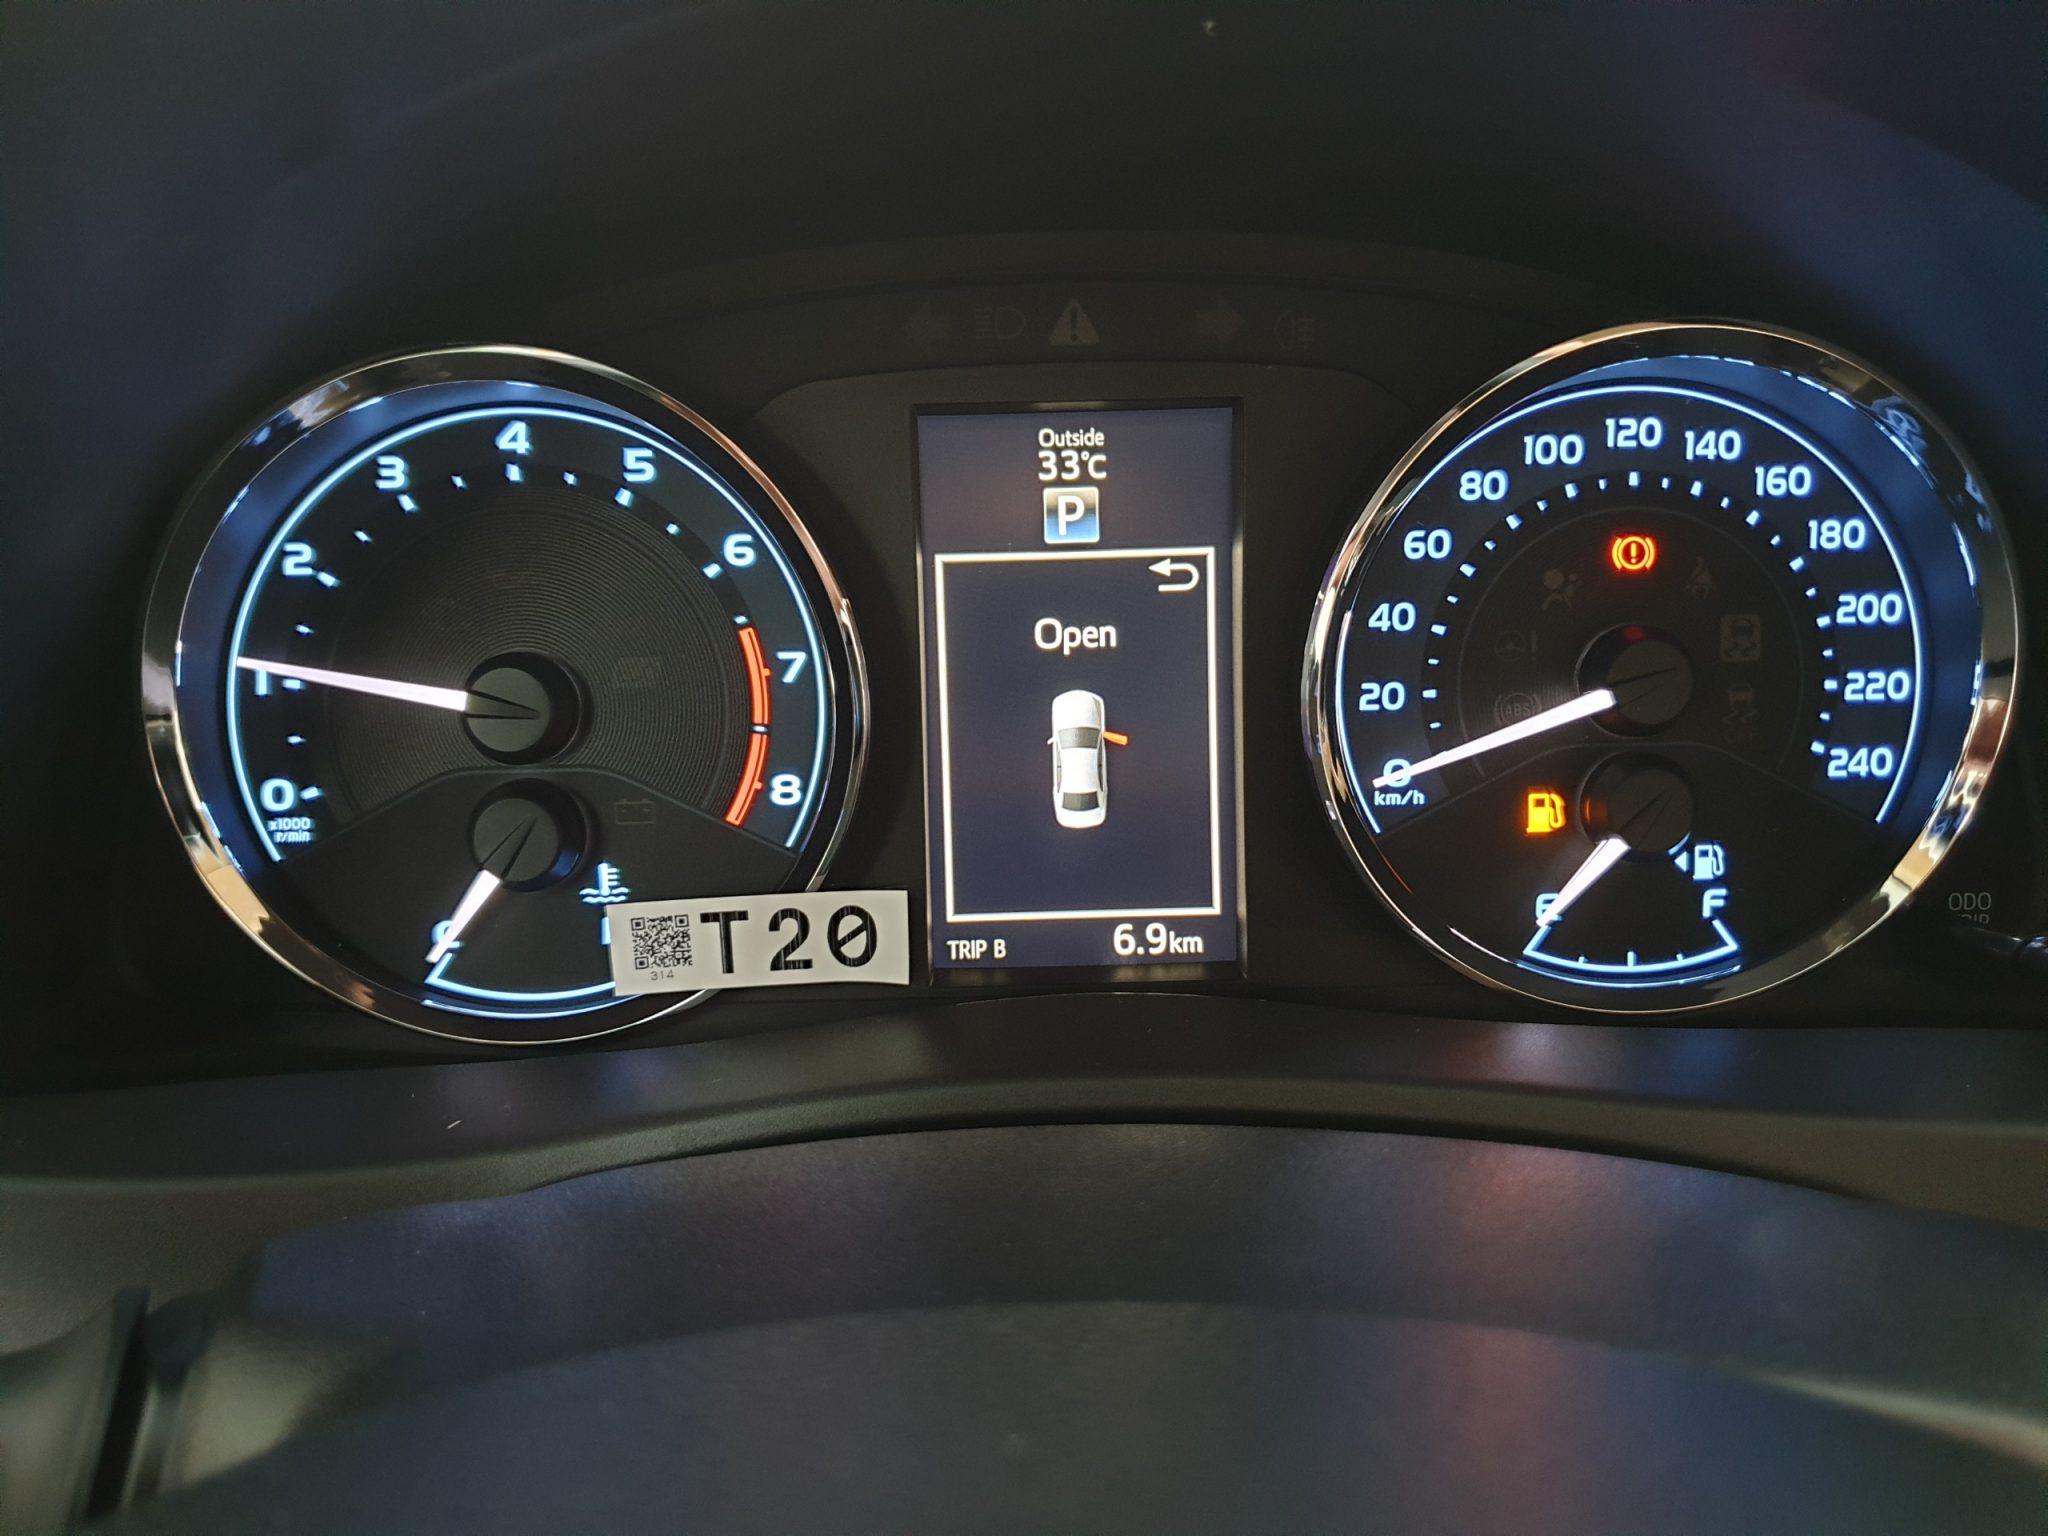 Altis 1.8 G CVT ảnh 12 - Altis 1.8 G CVT [hienthinam]: khuyến mãi và giá xe cập nhật mới